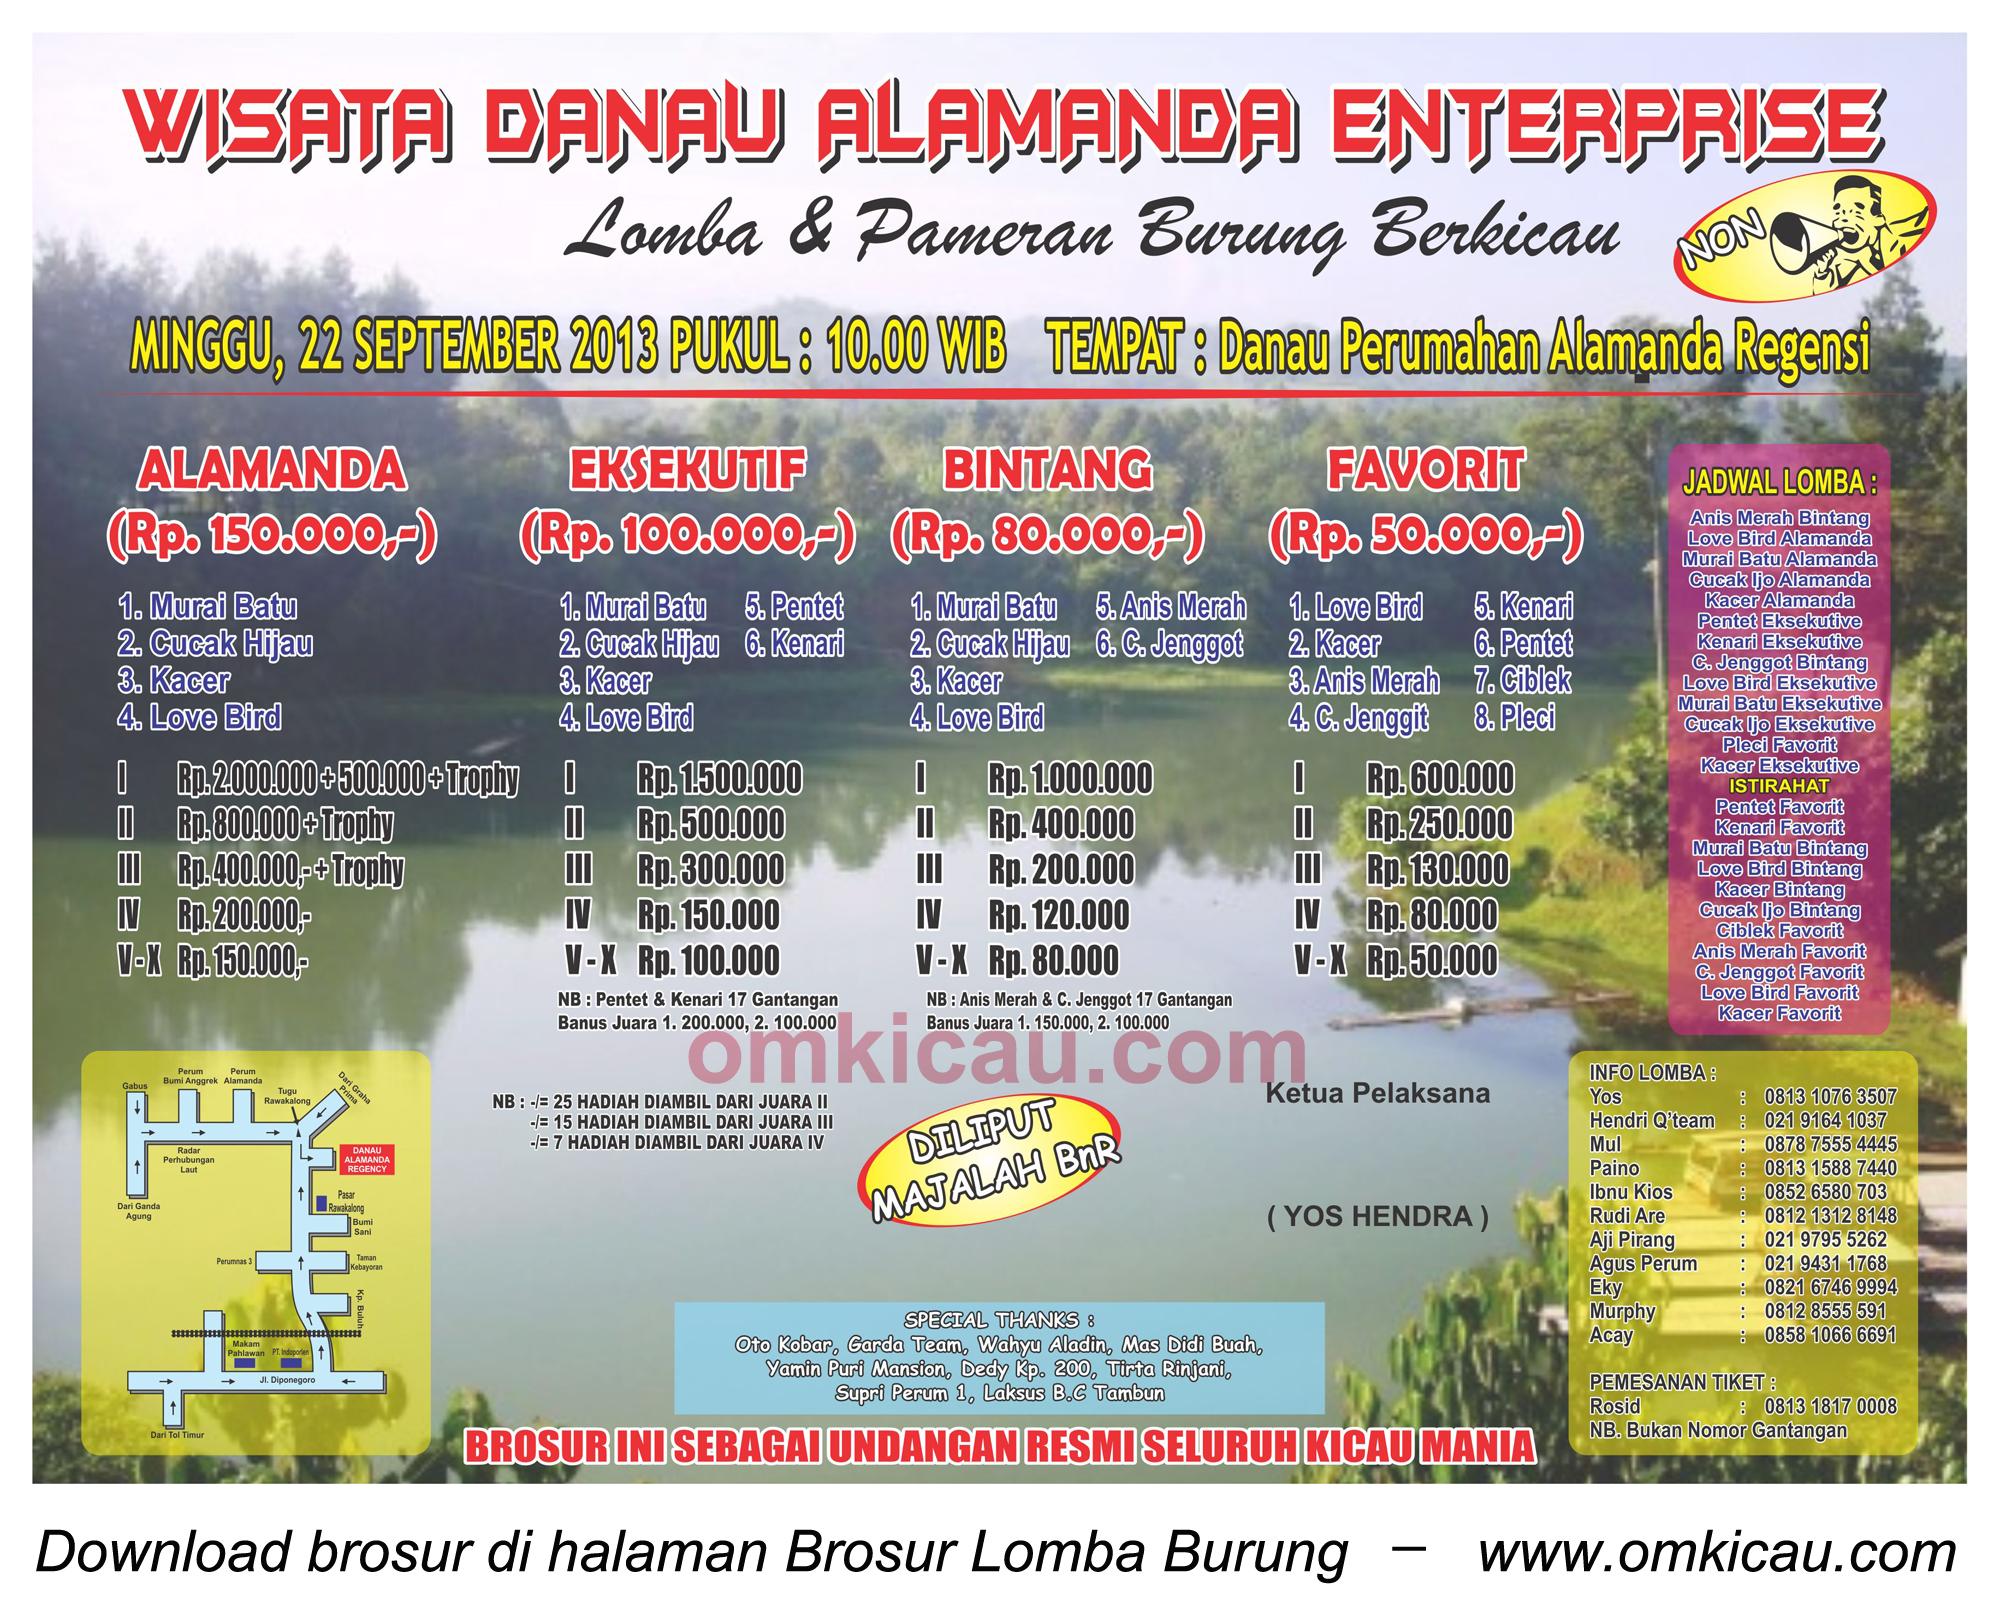 Brosur Lomba Burung Danau Alamanda Ent - Bekasi - 22 Sept 2013